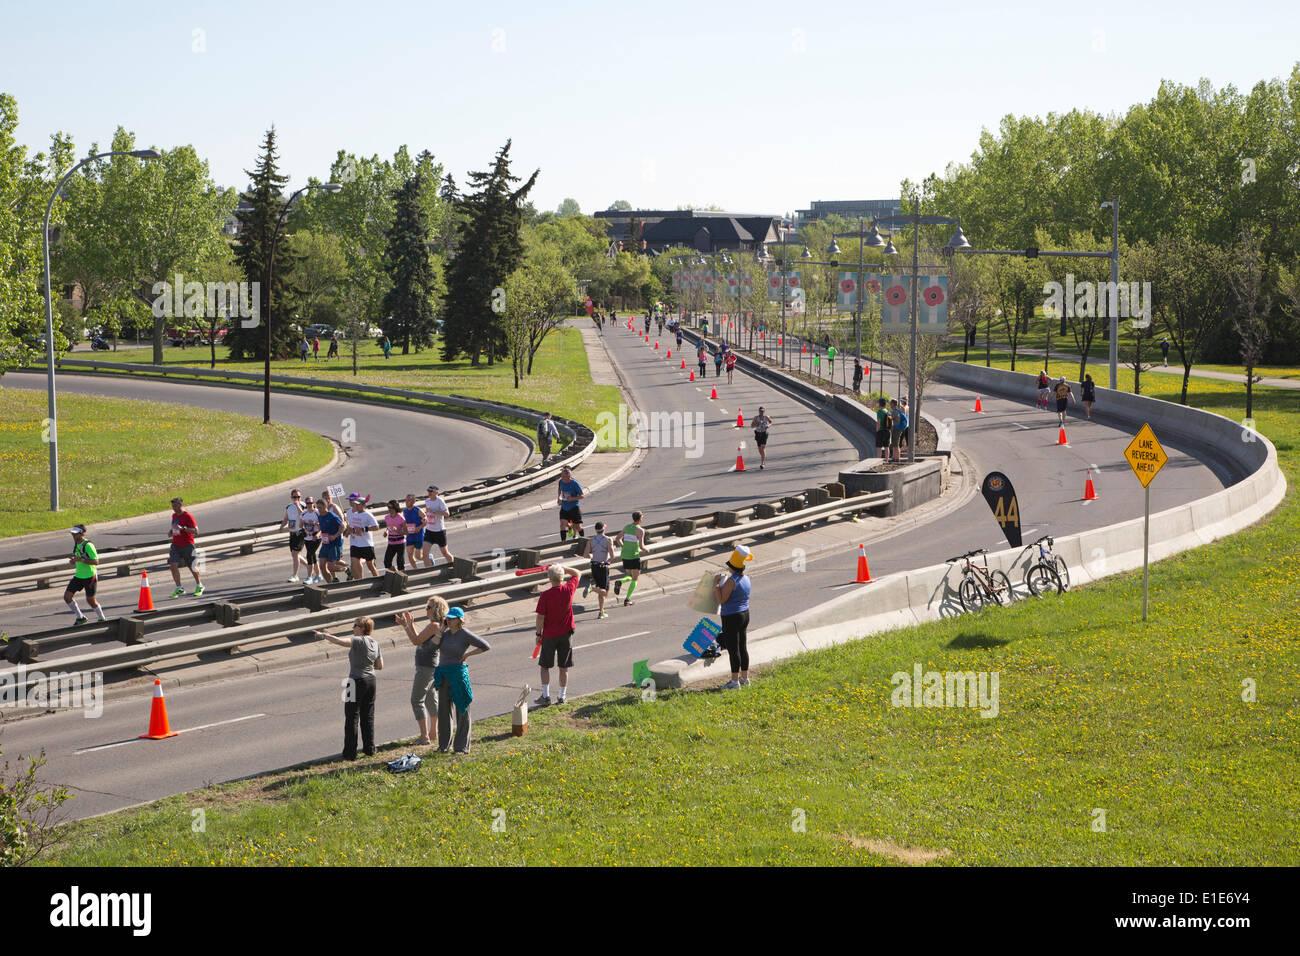 Calgary, Alberta, Canada. 01st June, 2014. Runners racing along Memorial Drive in the 50th Scotiabank Calgary Marathon - Stock Image